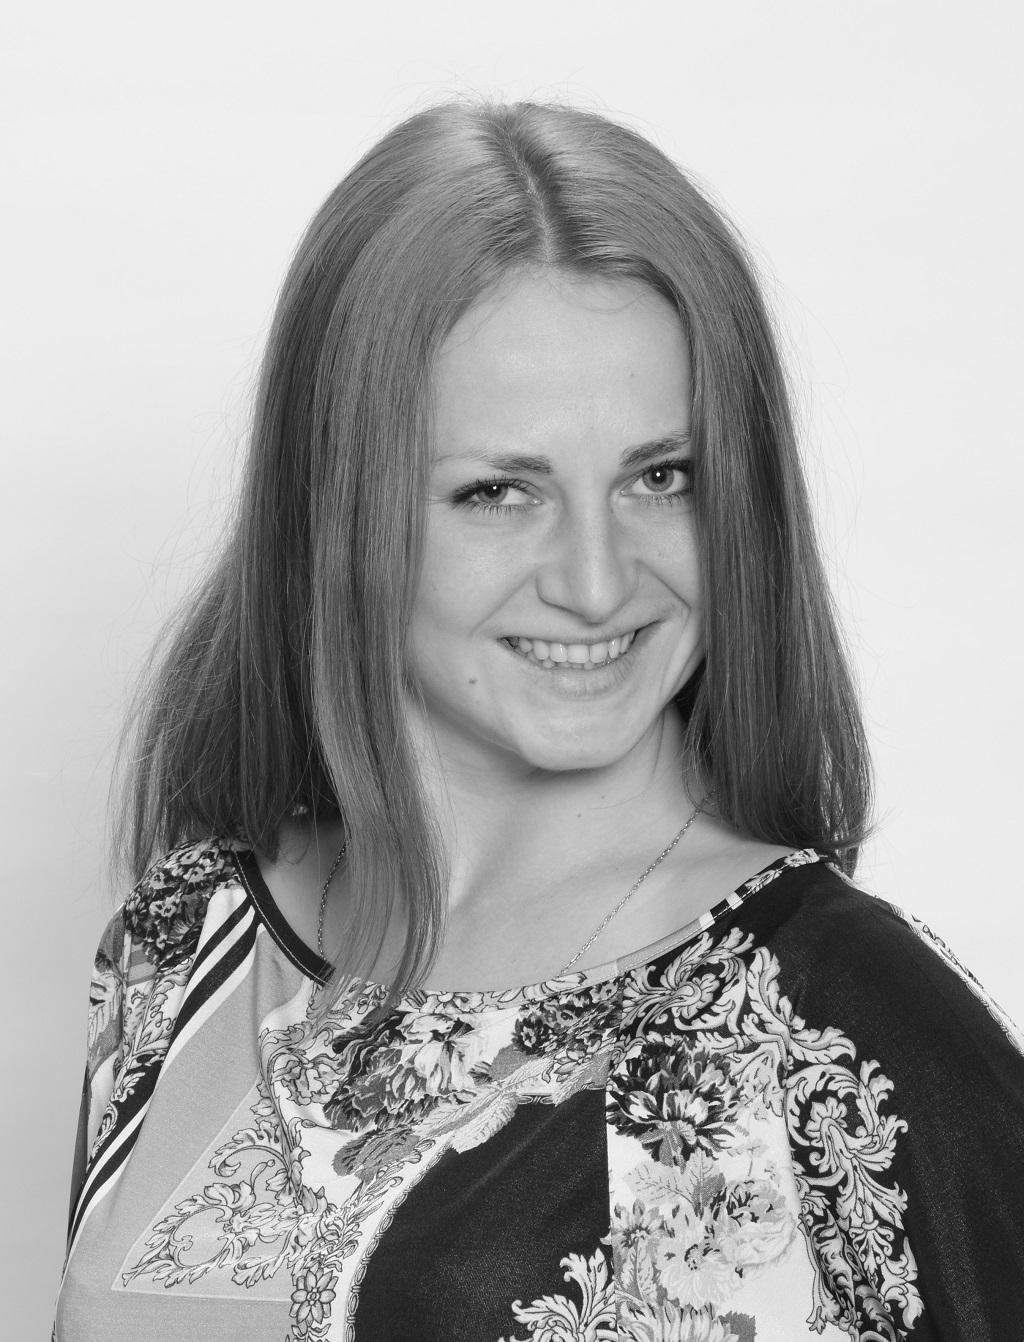 Мария Крыловская